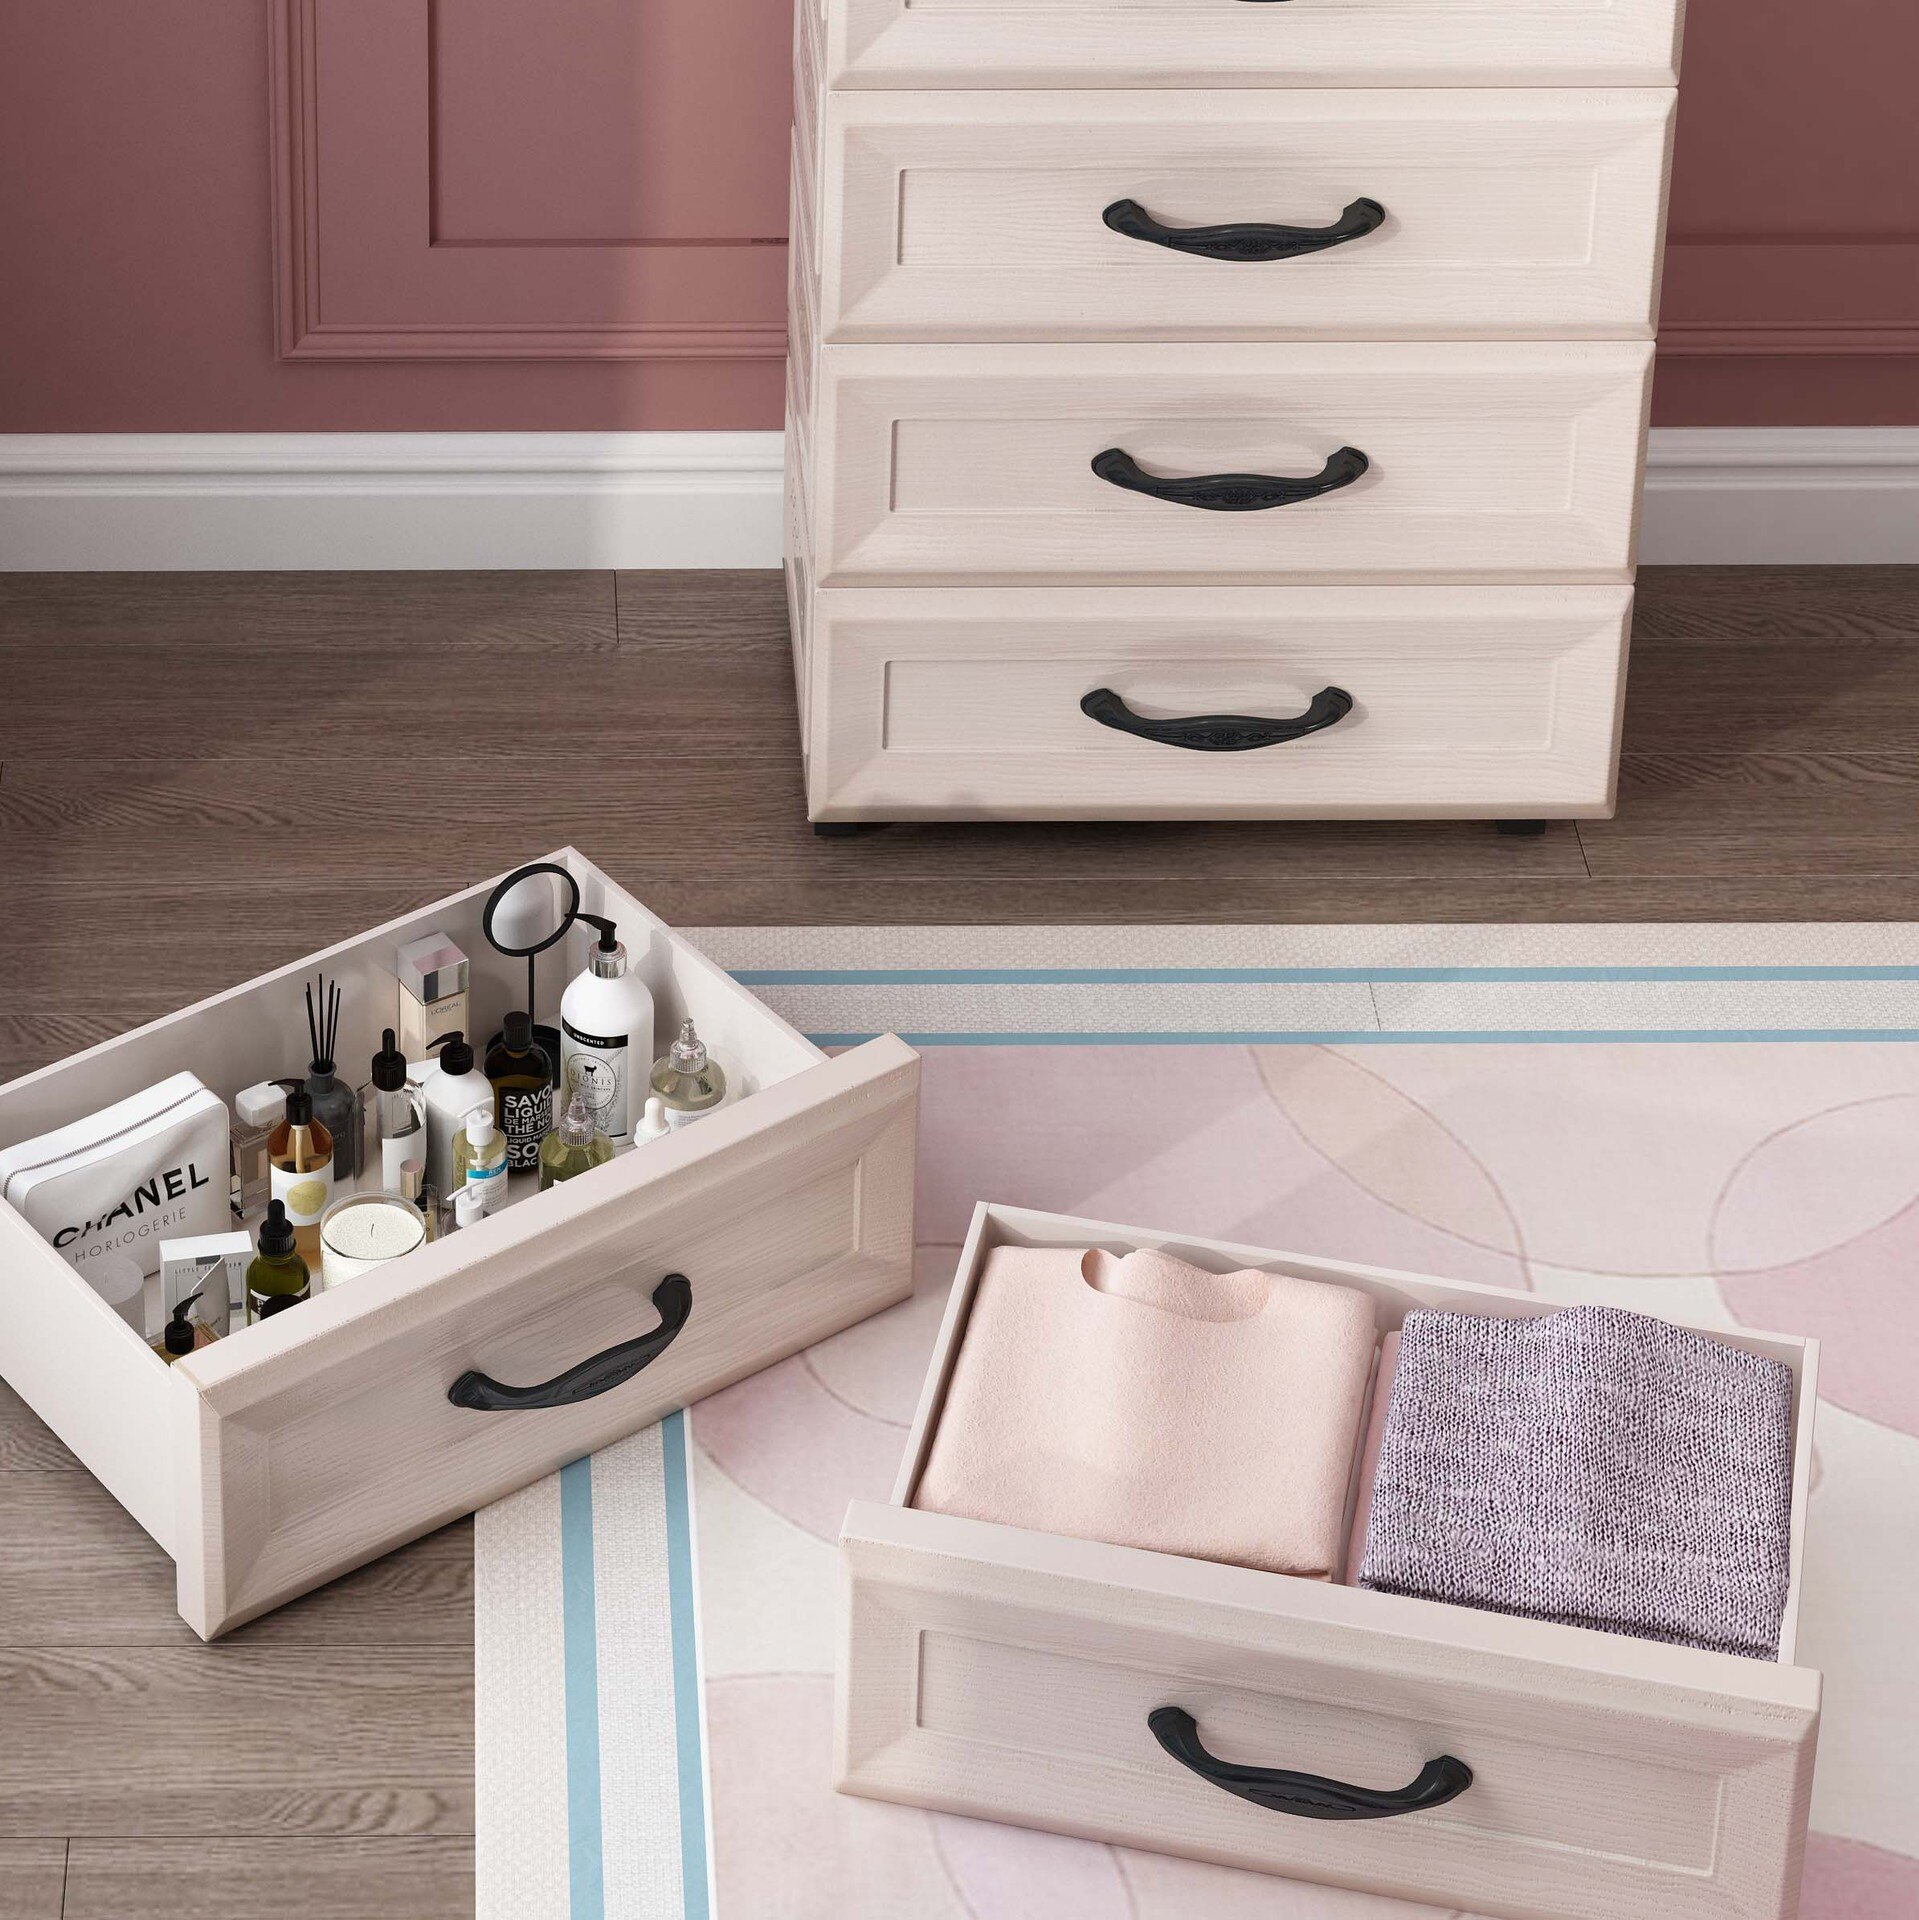 水晶化妝品托盤收納盒桌下抽屜柜子落地多層護膚品整理箱置物架化  免運【艾莎嚴選】